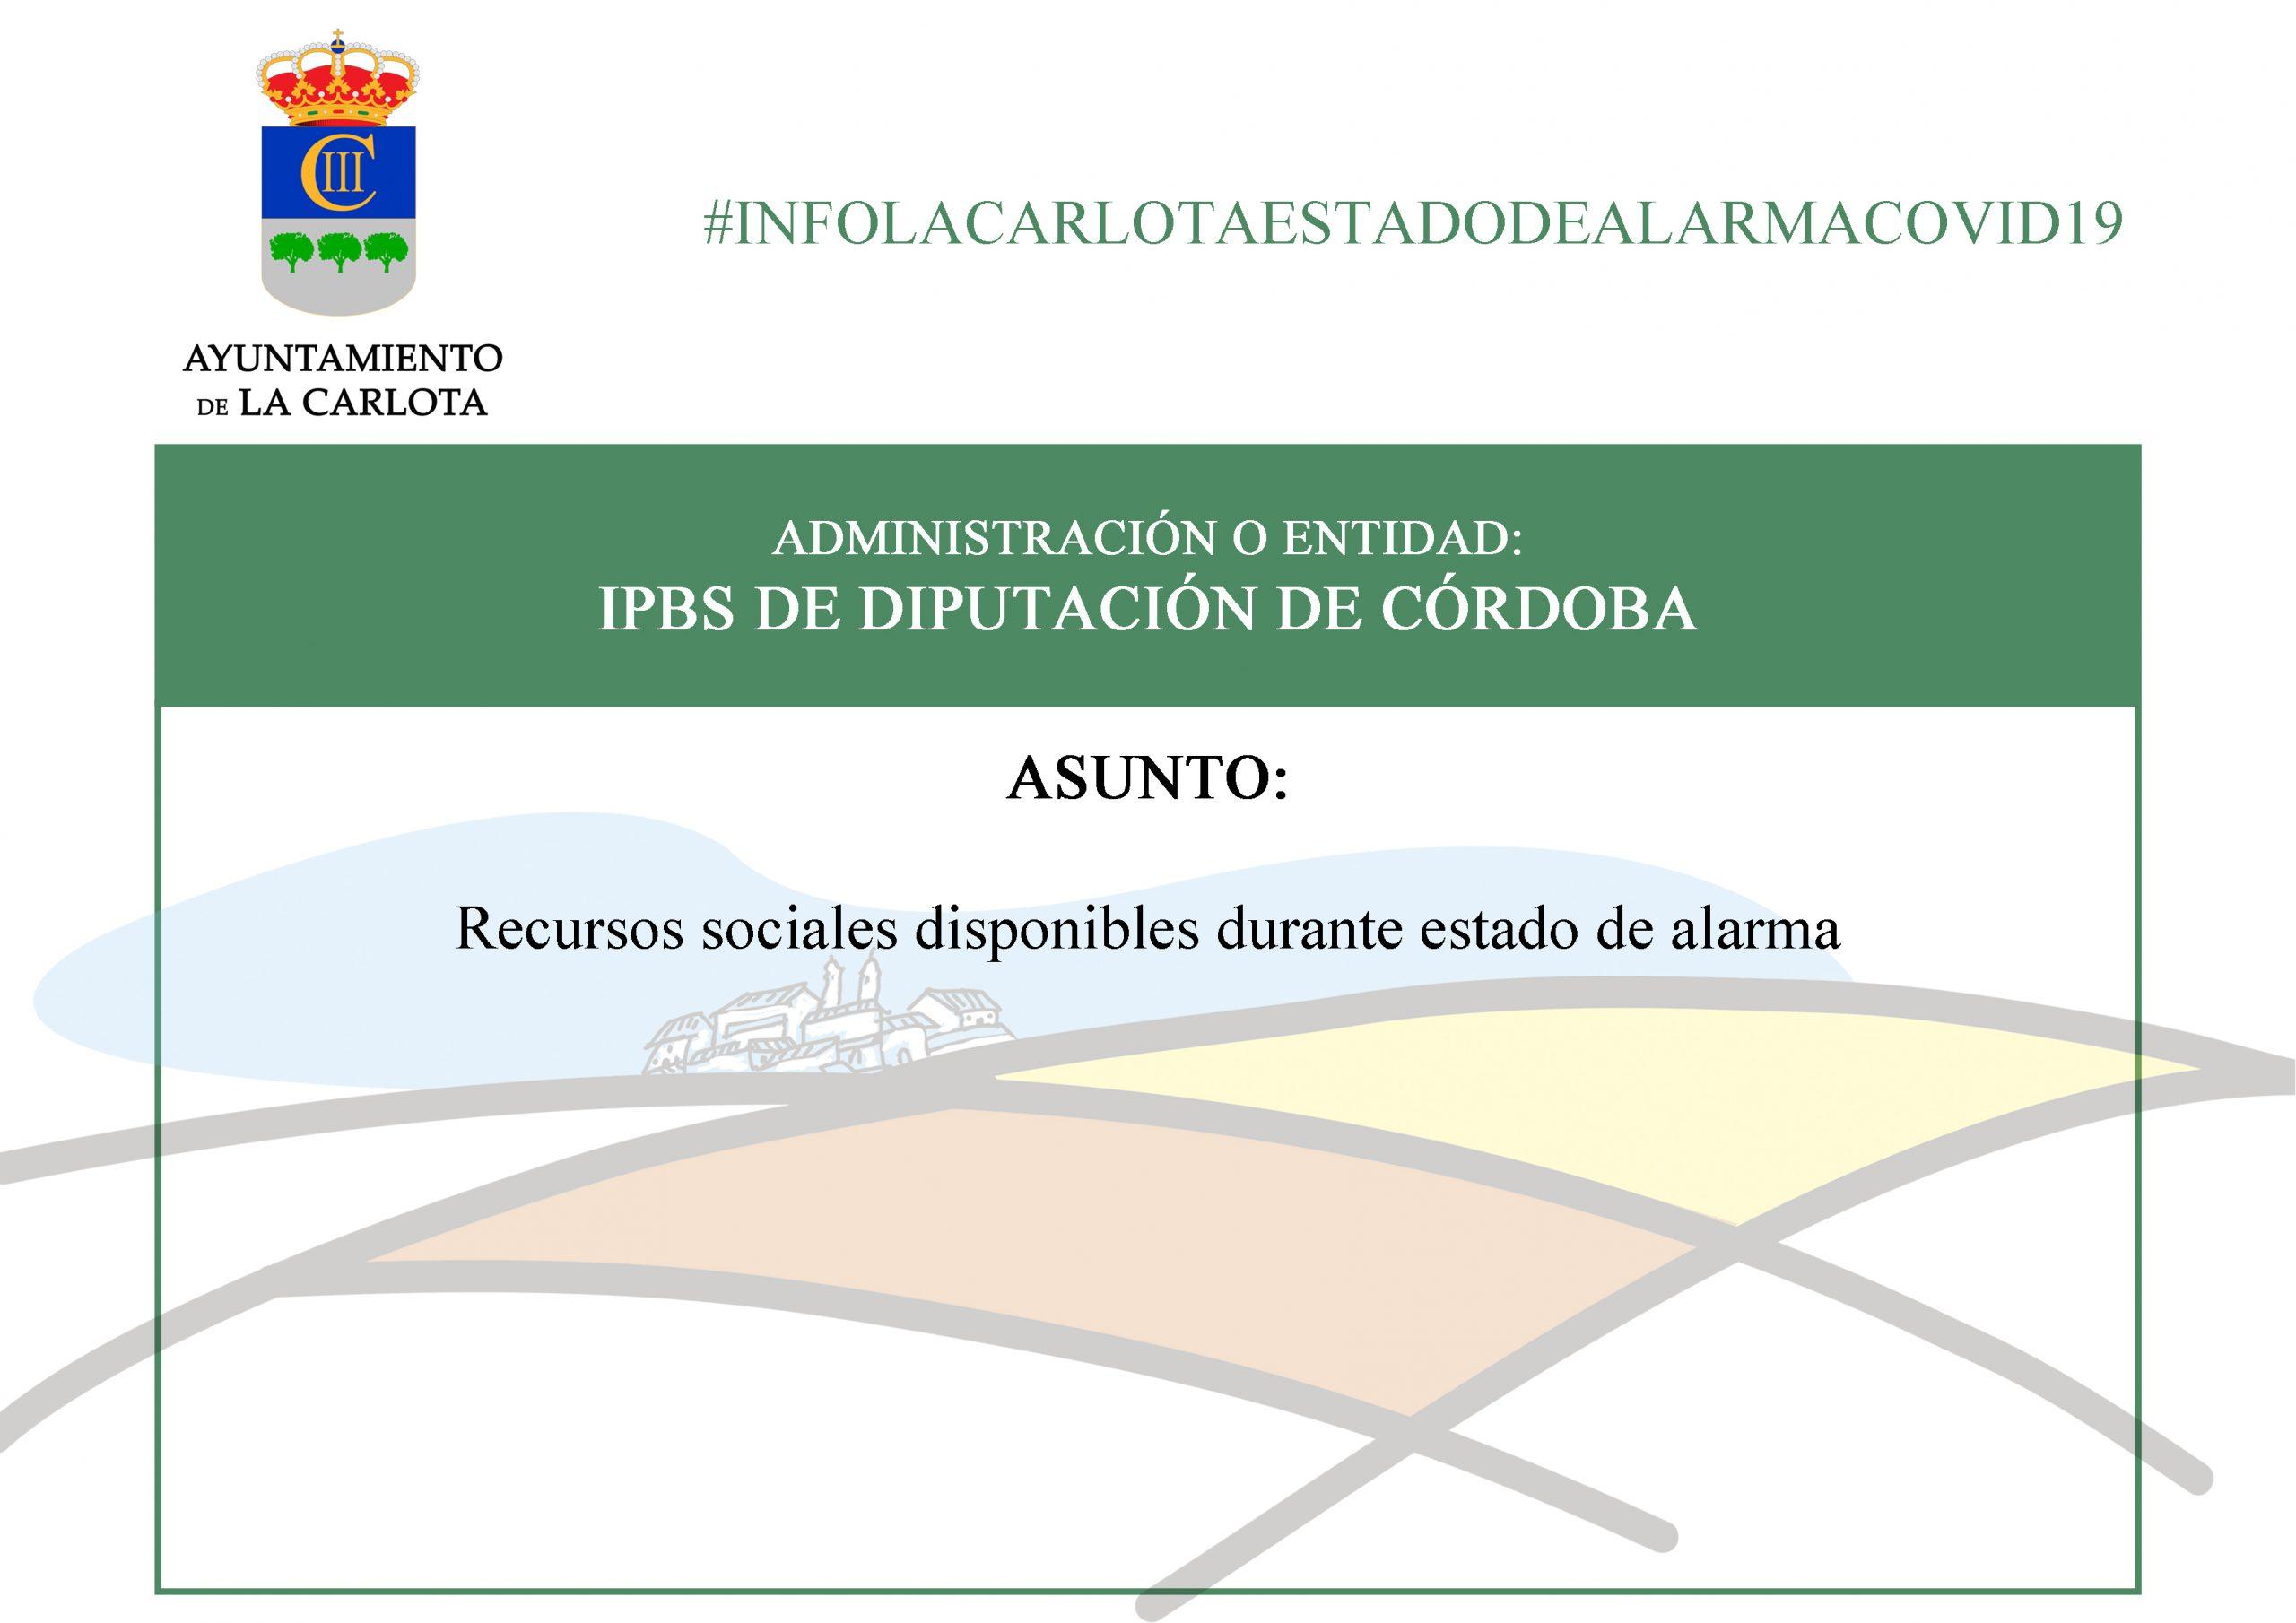 #INFOLACARLOTAESTADODEALARMACOVID19 RECURSOS SOCIALES DISPONIBLES DURANTE ESTADO DE ALARMA 1